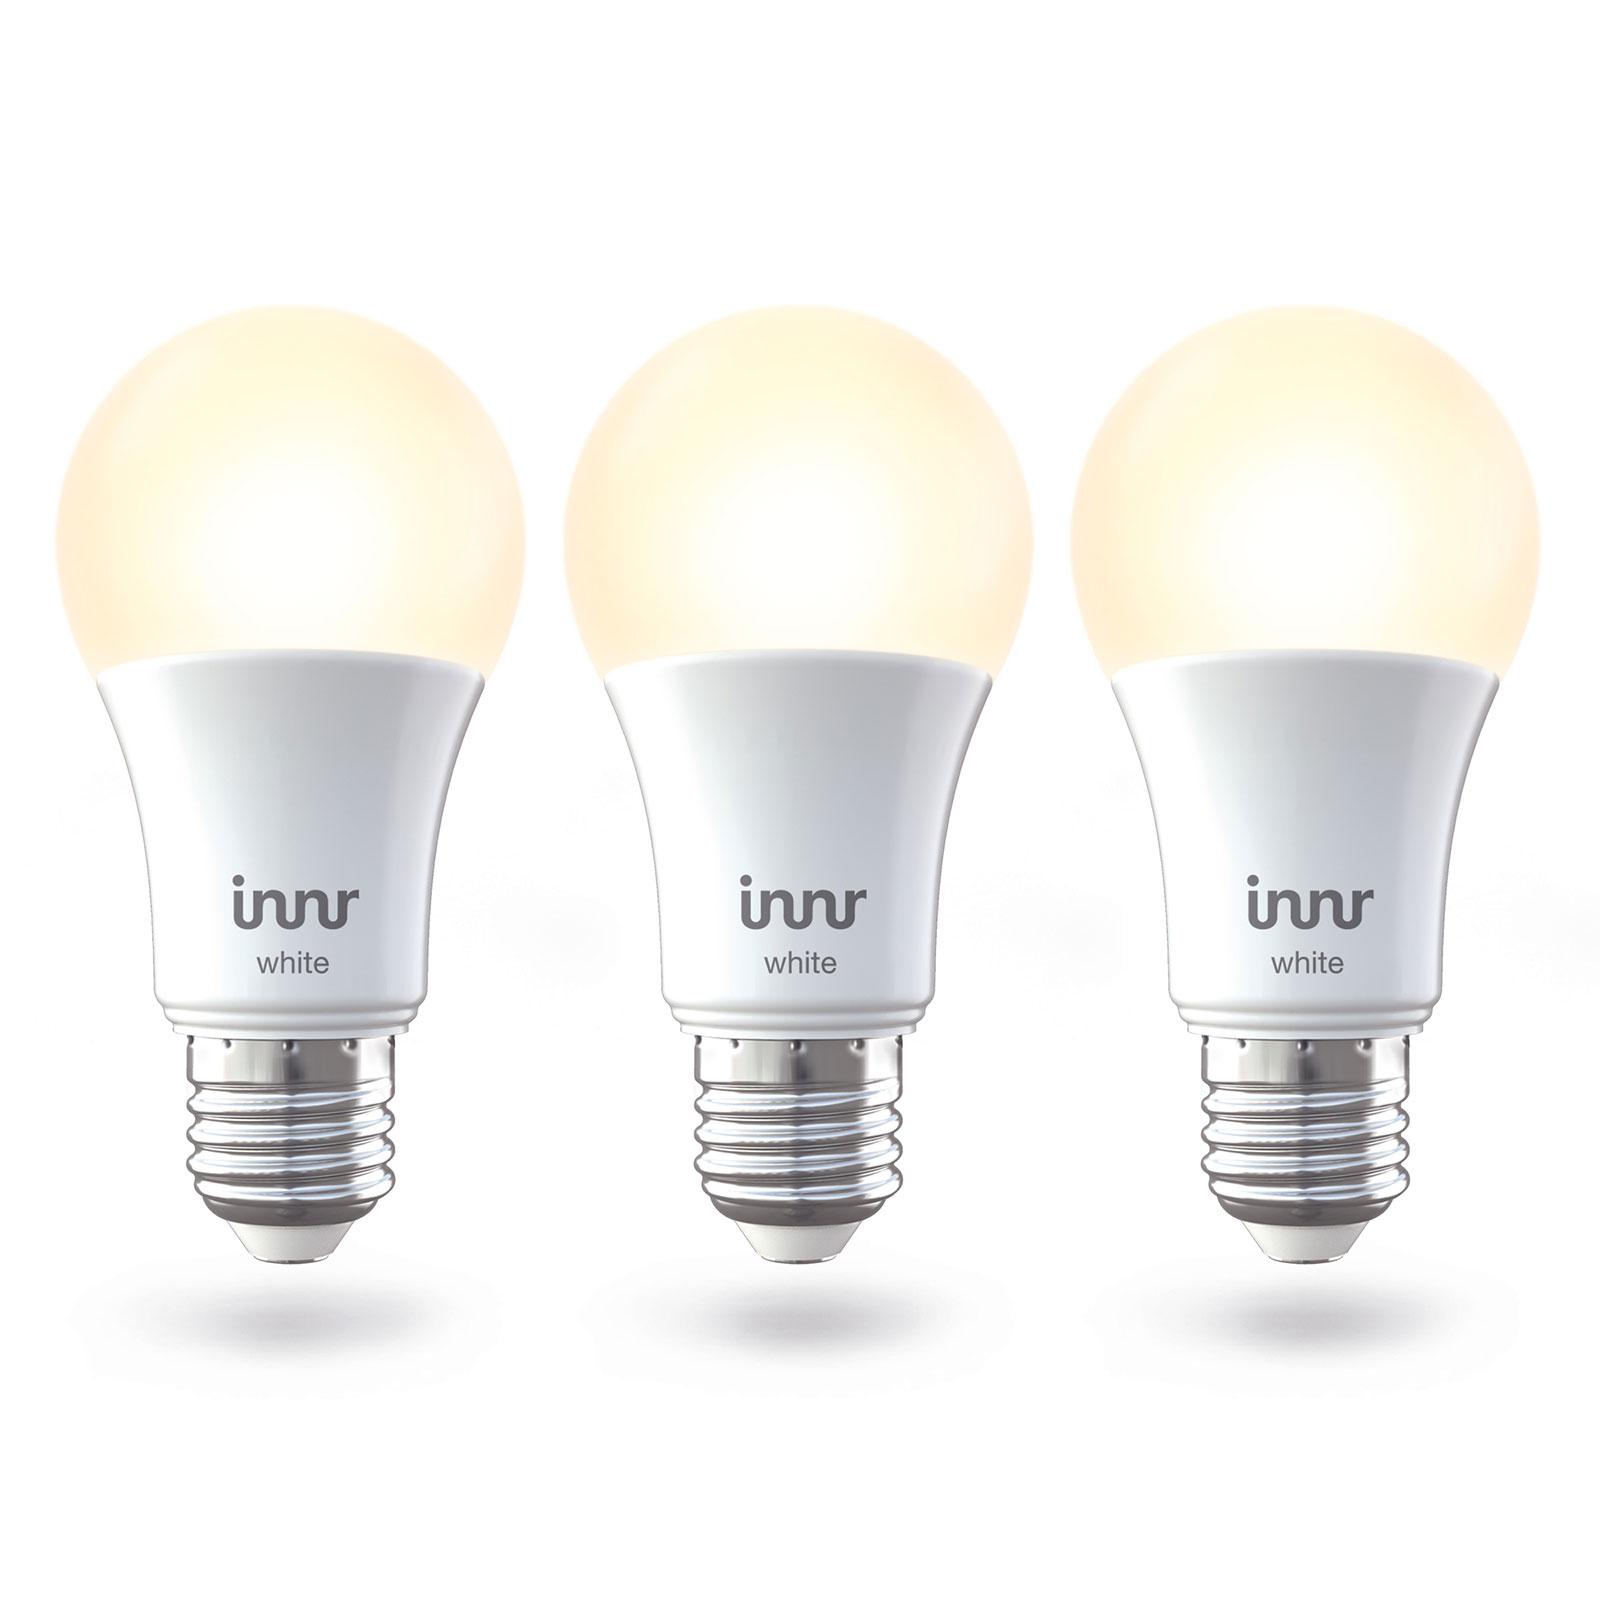 Innr żarówka LED E27 Smart ciepła biel 806lm 3szt.